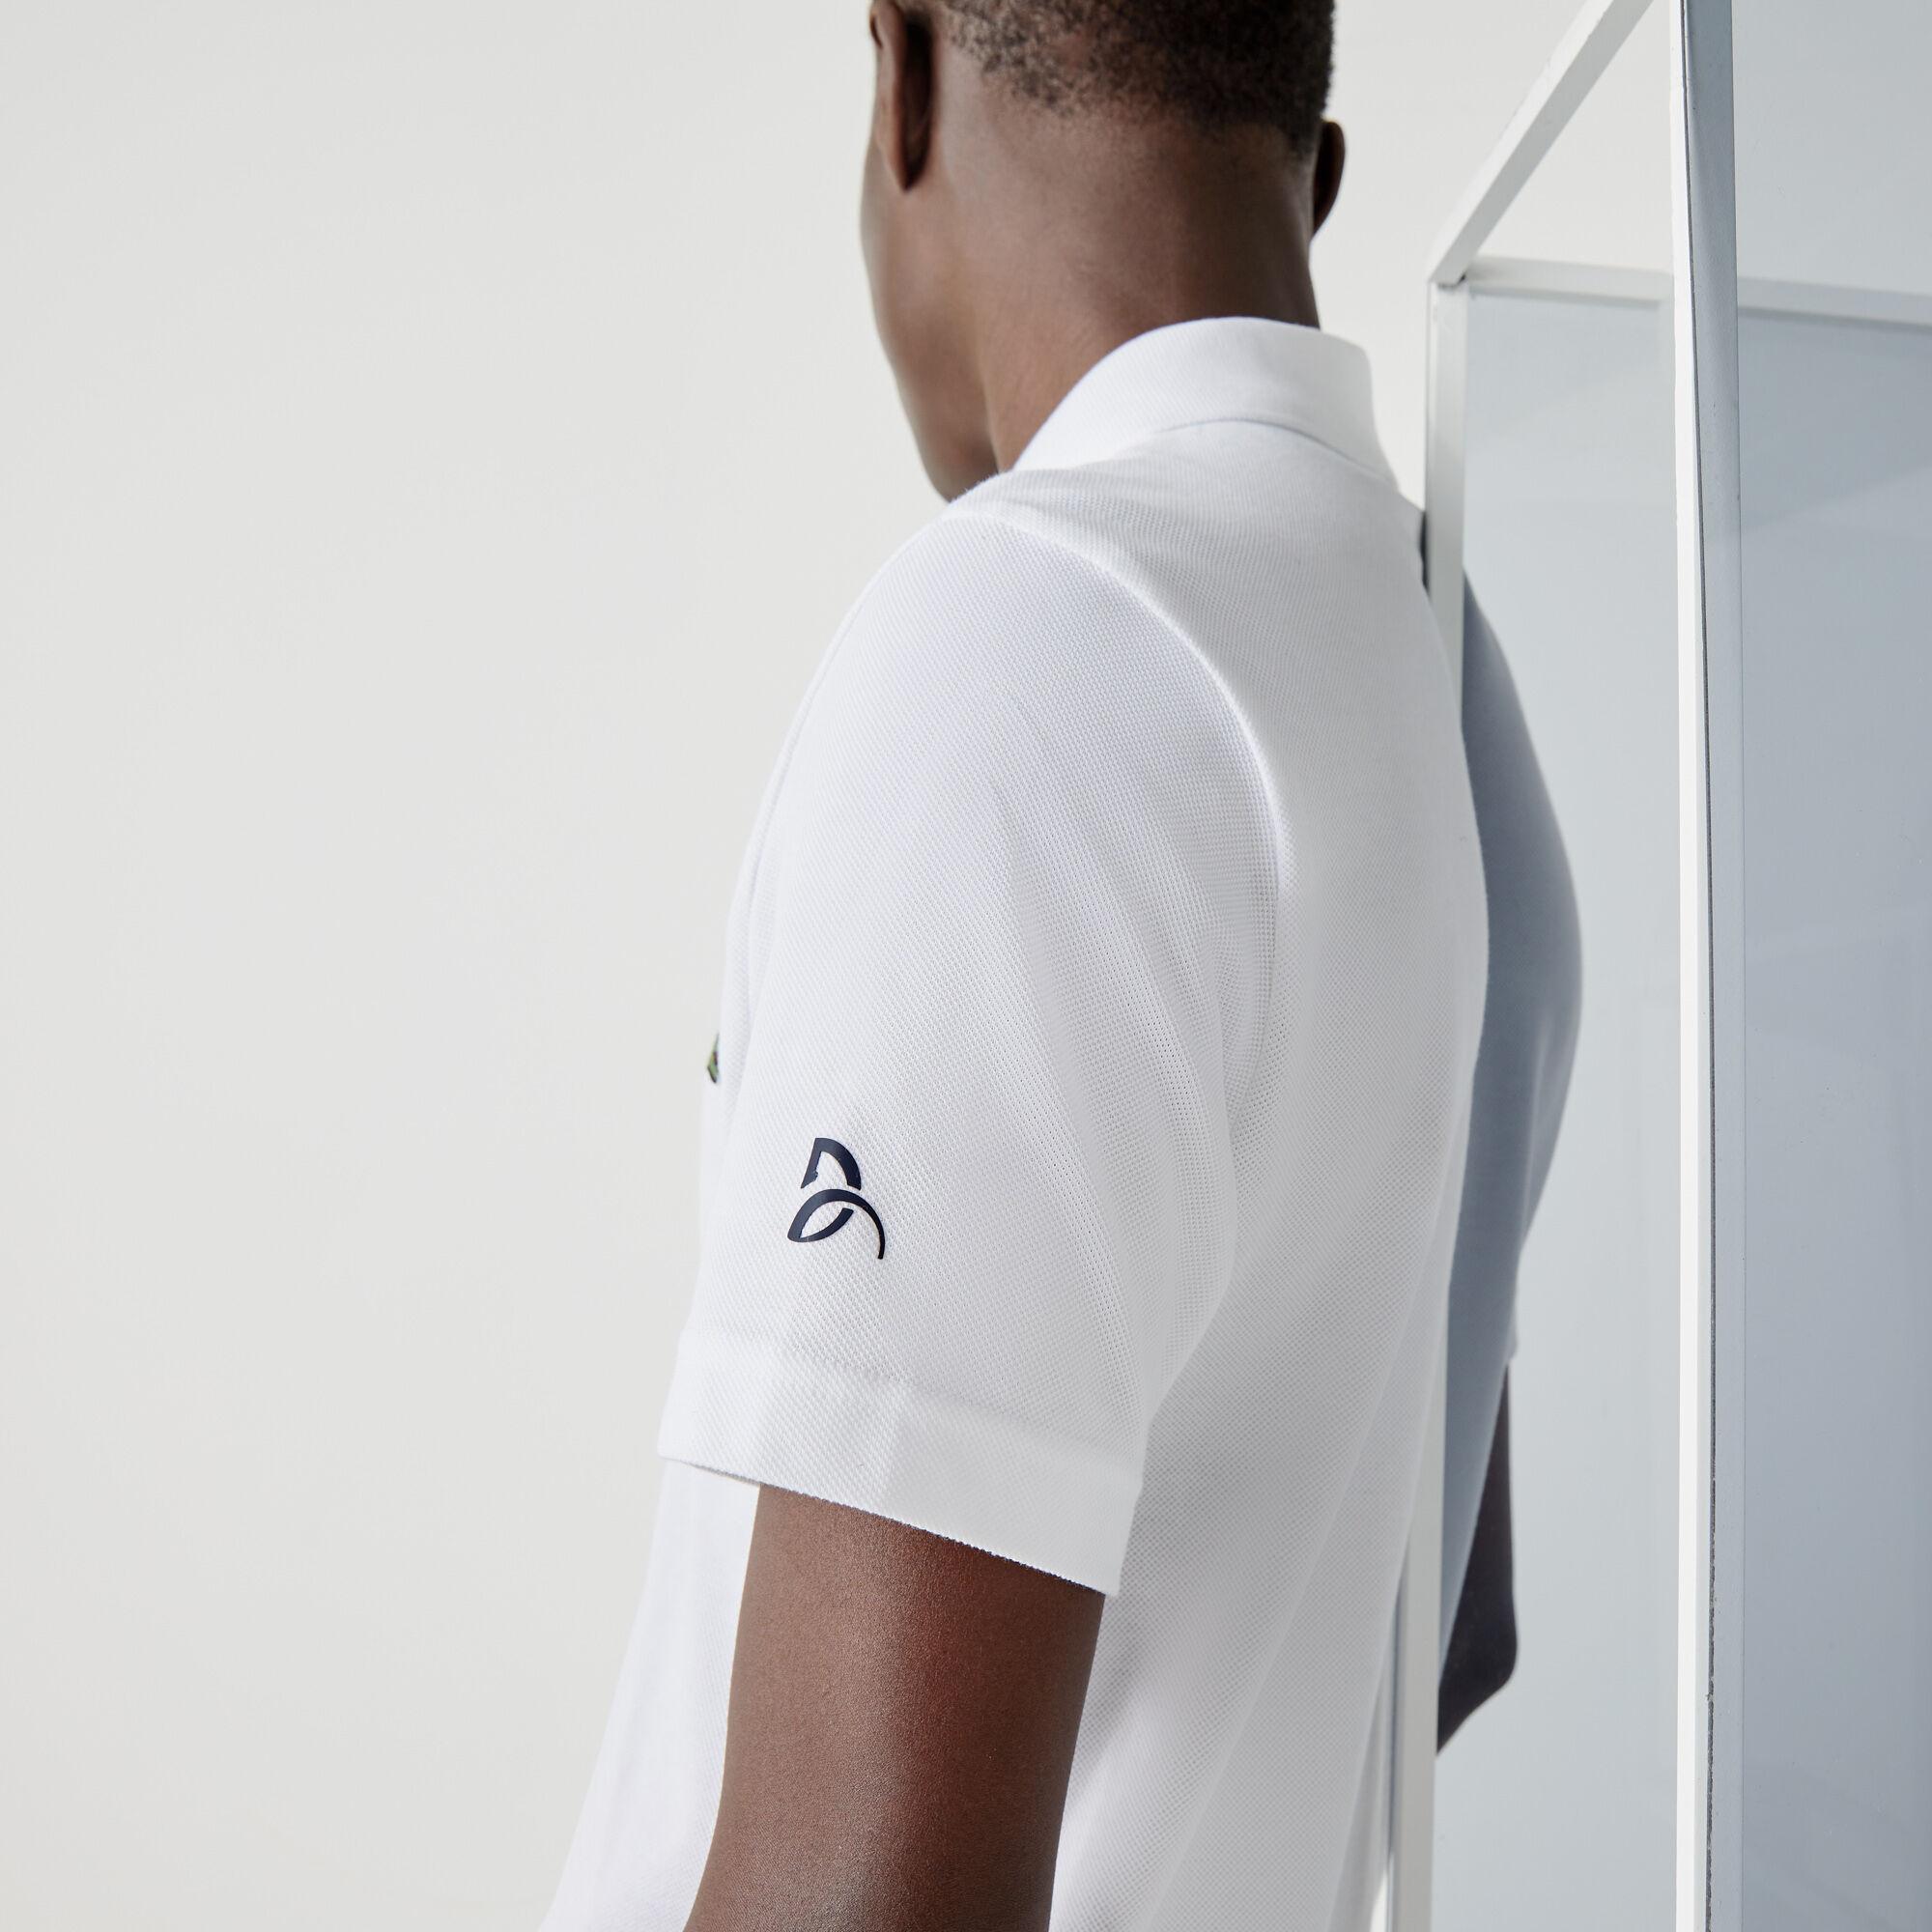 قميص بولو بيكيه القطن مجموعة Lacoste SPORT بالتعاون مع تصميم Youssef SY للرجال